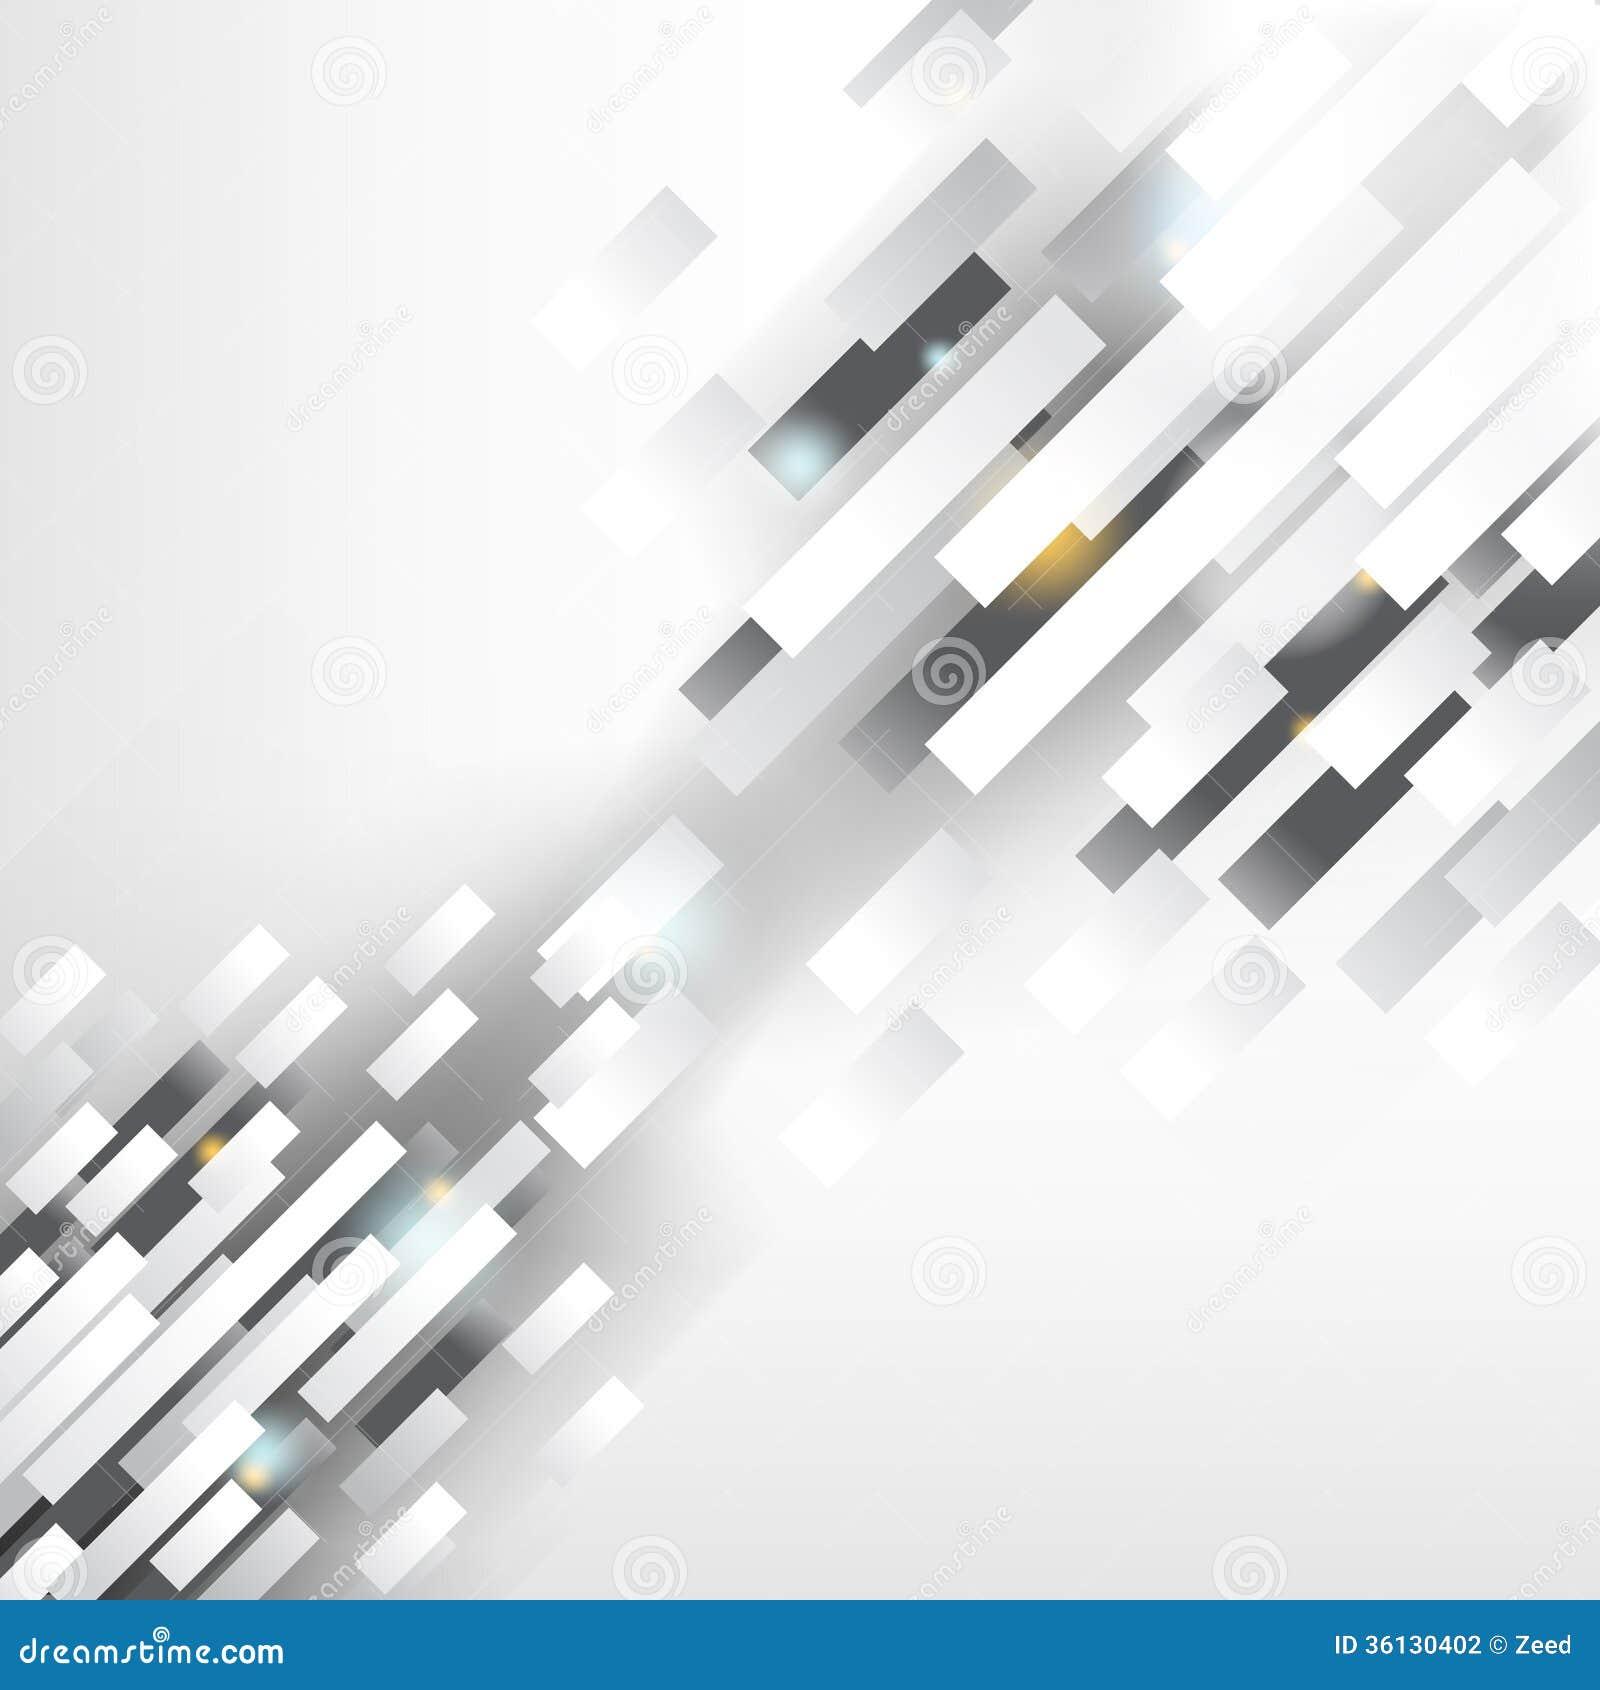 Rectangular Element Shapes Background Stock Photography ...